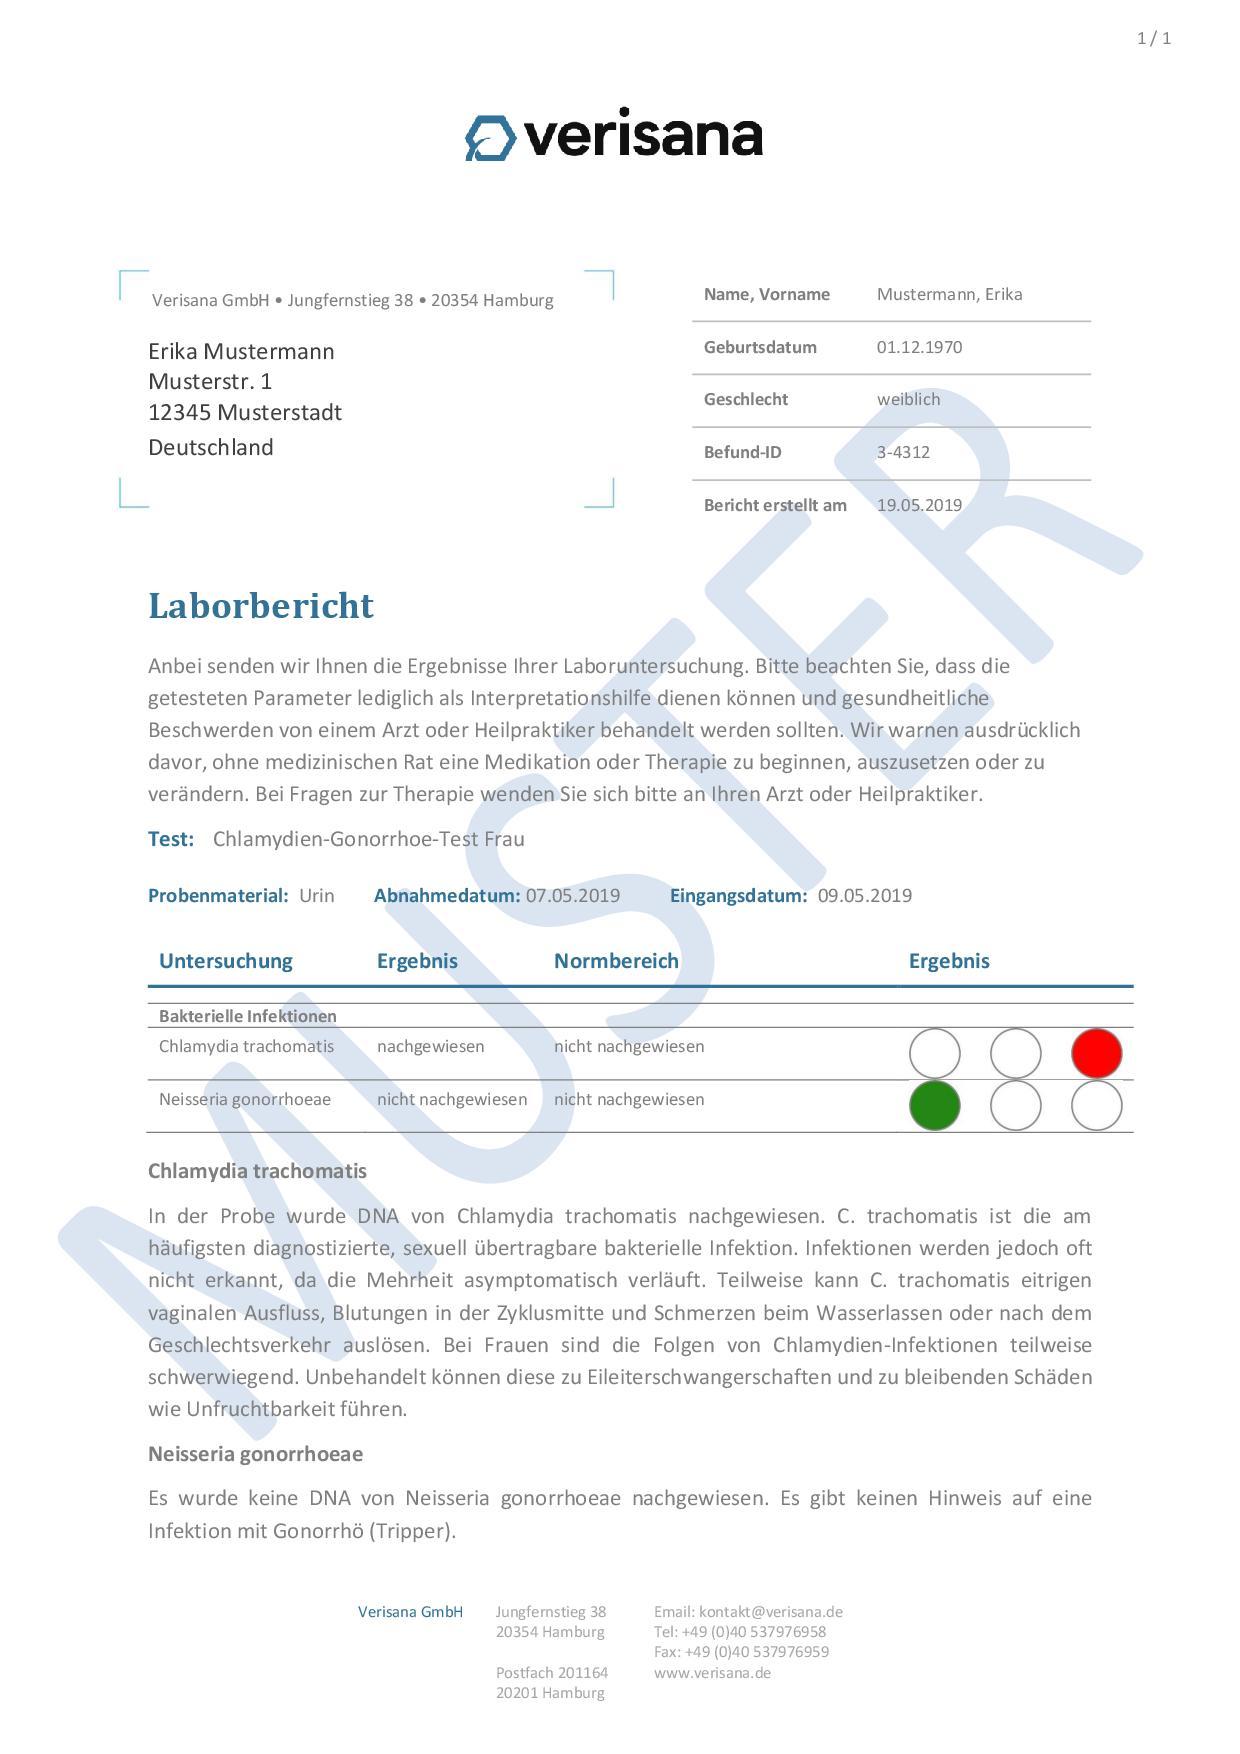 Chlamydien-Gonorrhoe-Test Frau Muster